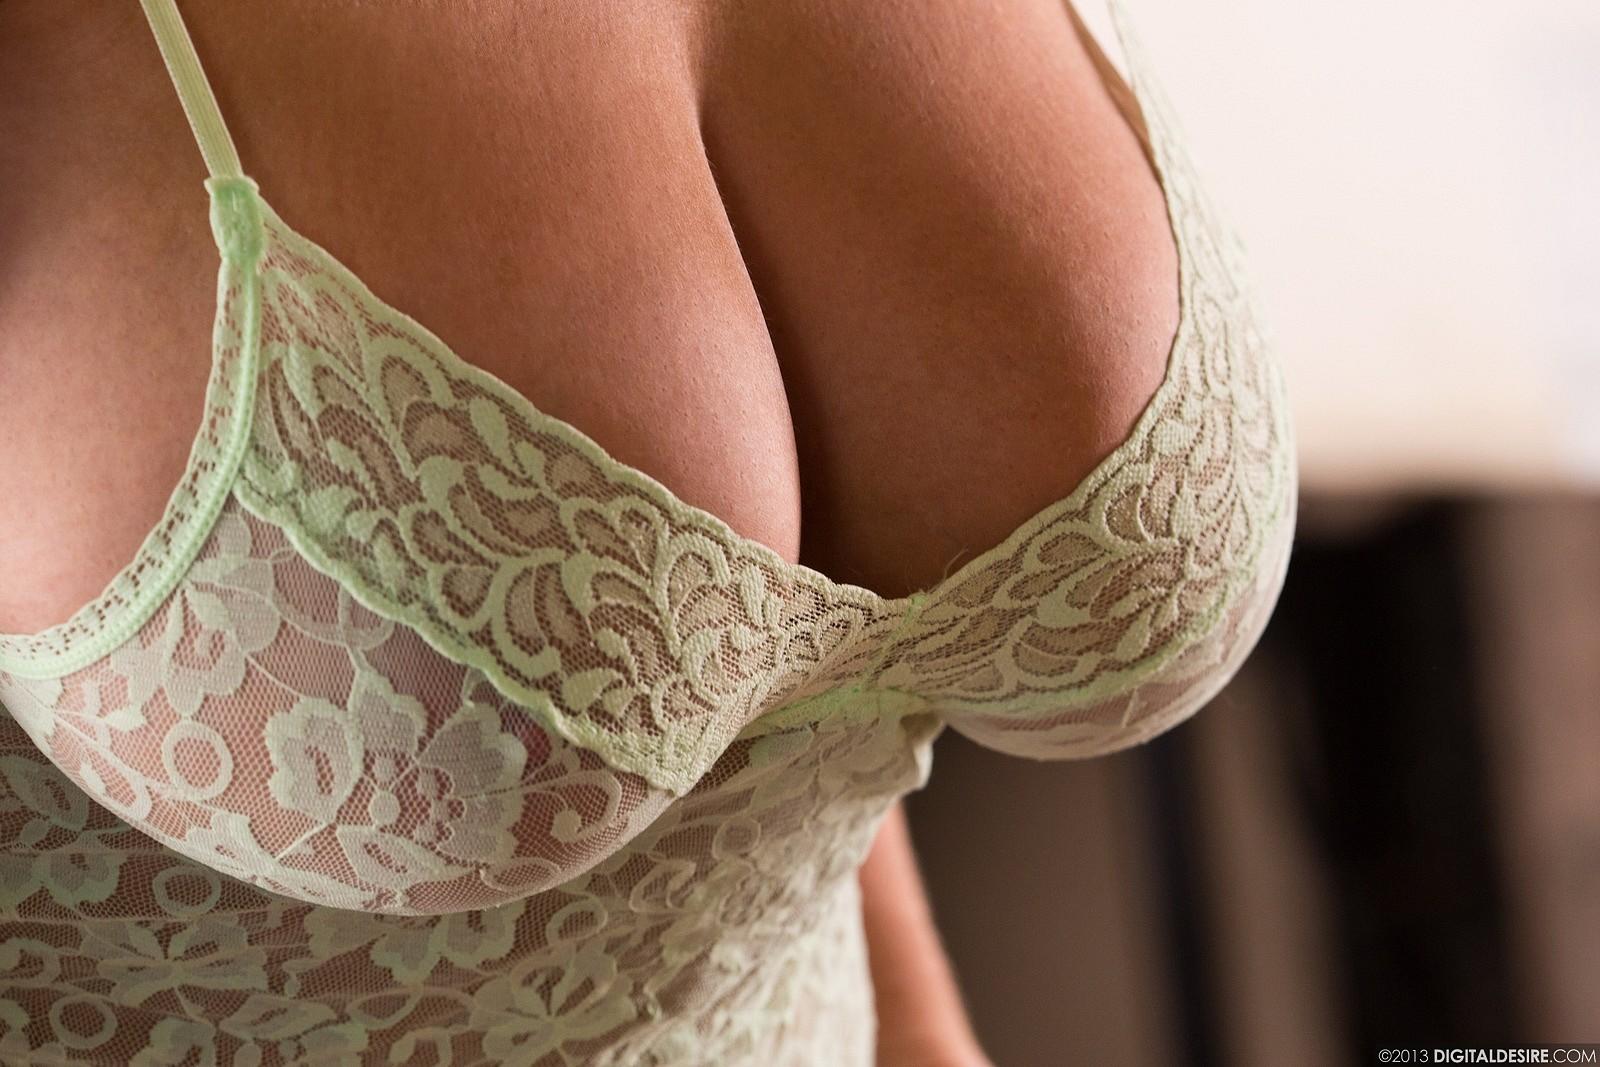 ogromnie-siski-pod-lifchikom-foto-porno-zhena-lizhet-muzhu-zad-po-domashnemu